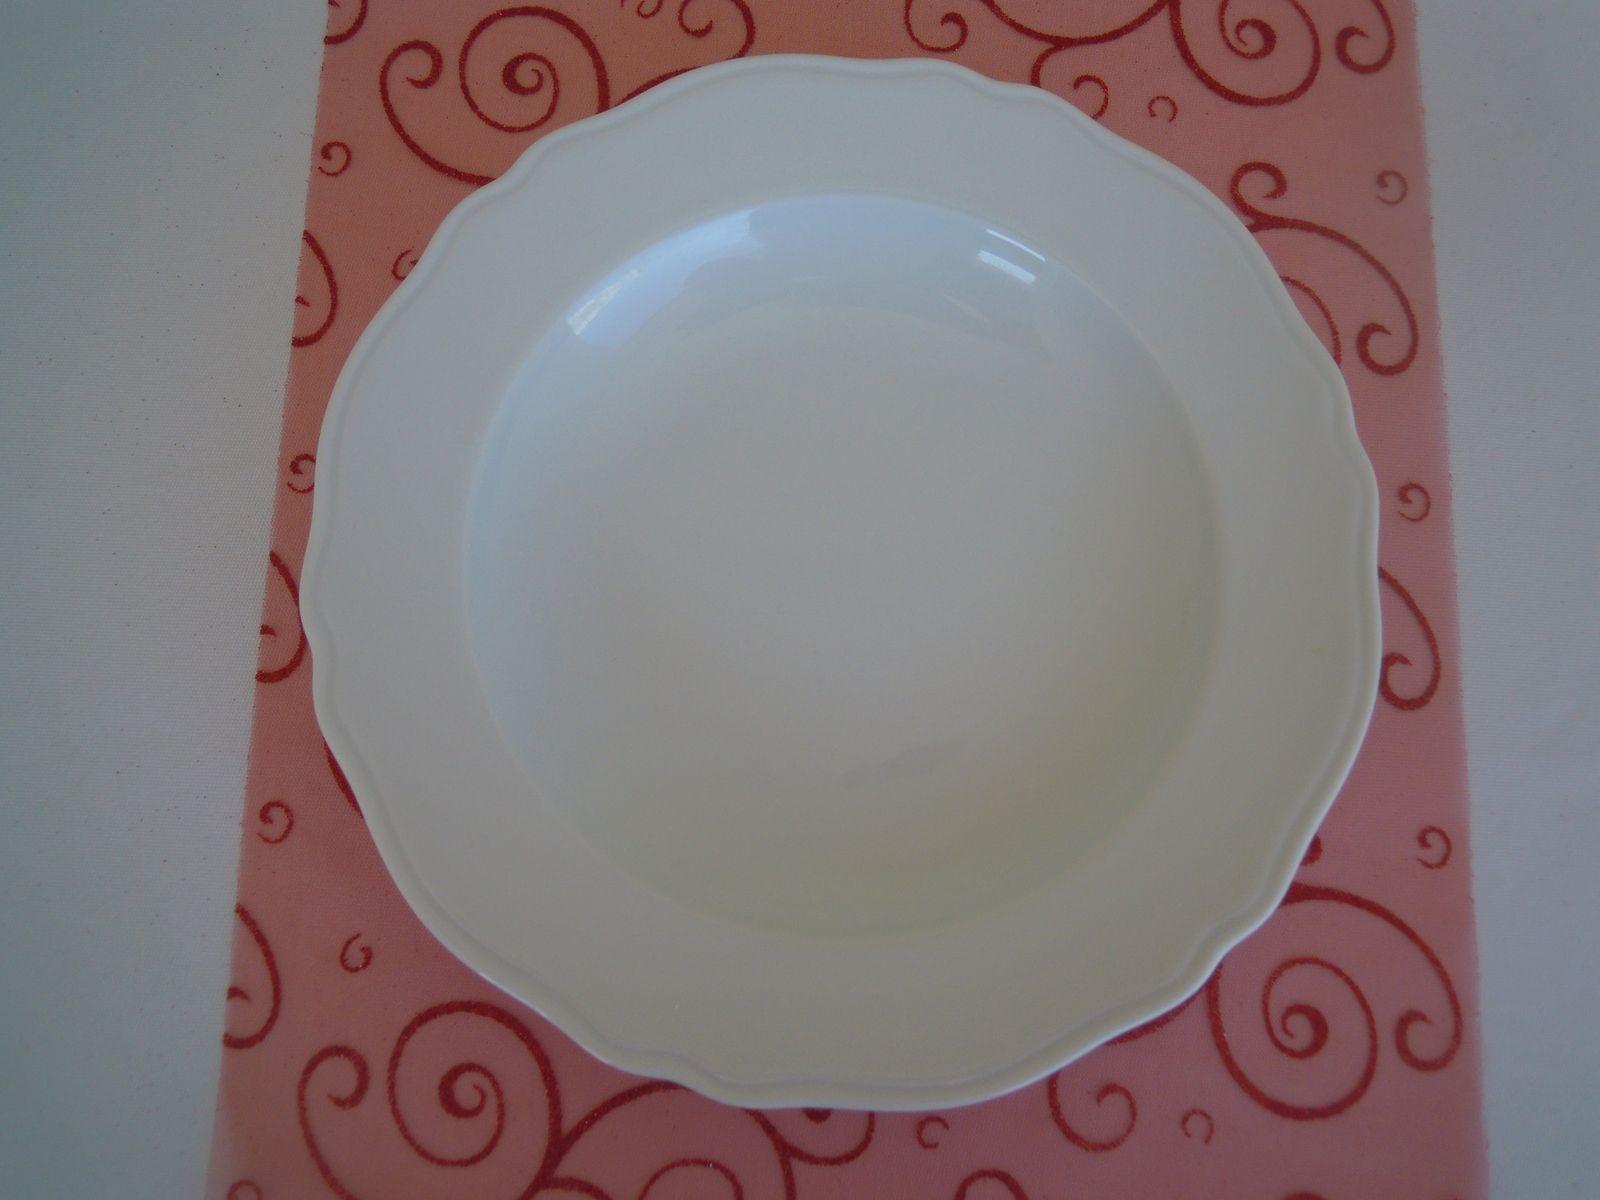 Assiette ronde blanche plate 27 cm (plat) - Assiette ronde blanche 24 cm (entrée, dessert, buffet), assiette creuse, assiette rectangulaire en verre